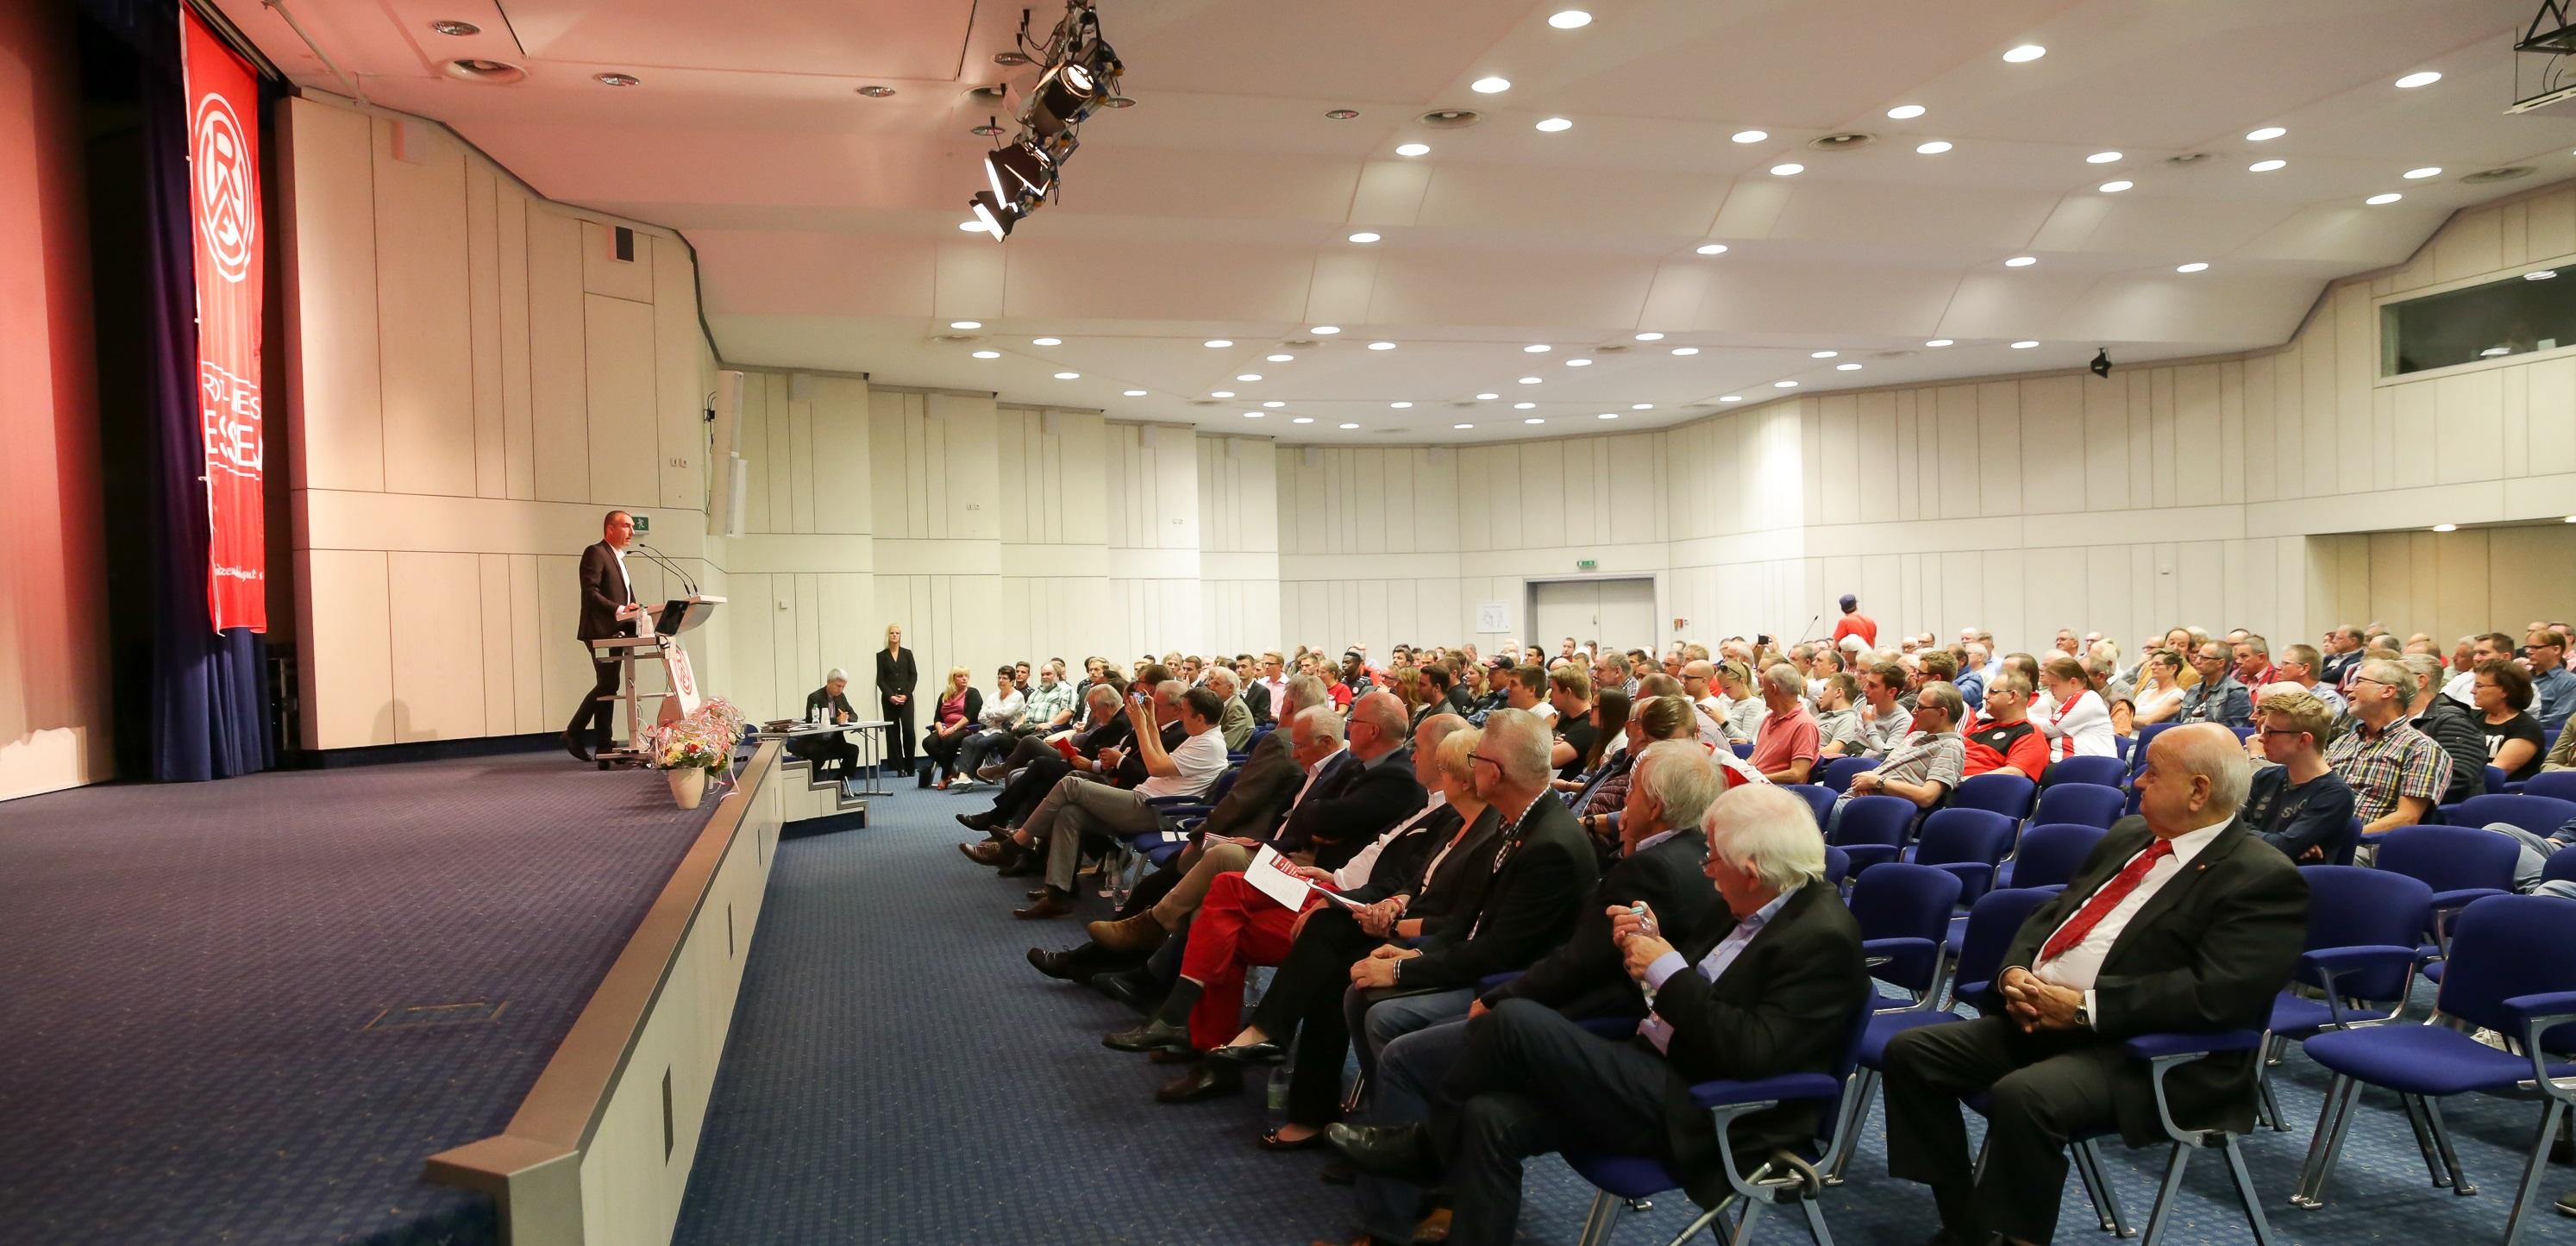 Am 30. Juni treffen sich die RWE-Mitglieder zur Jahreshauptversammlung. (Foto: Endberg)